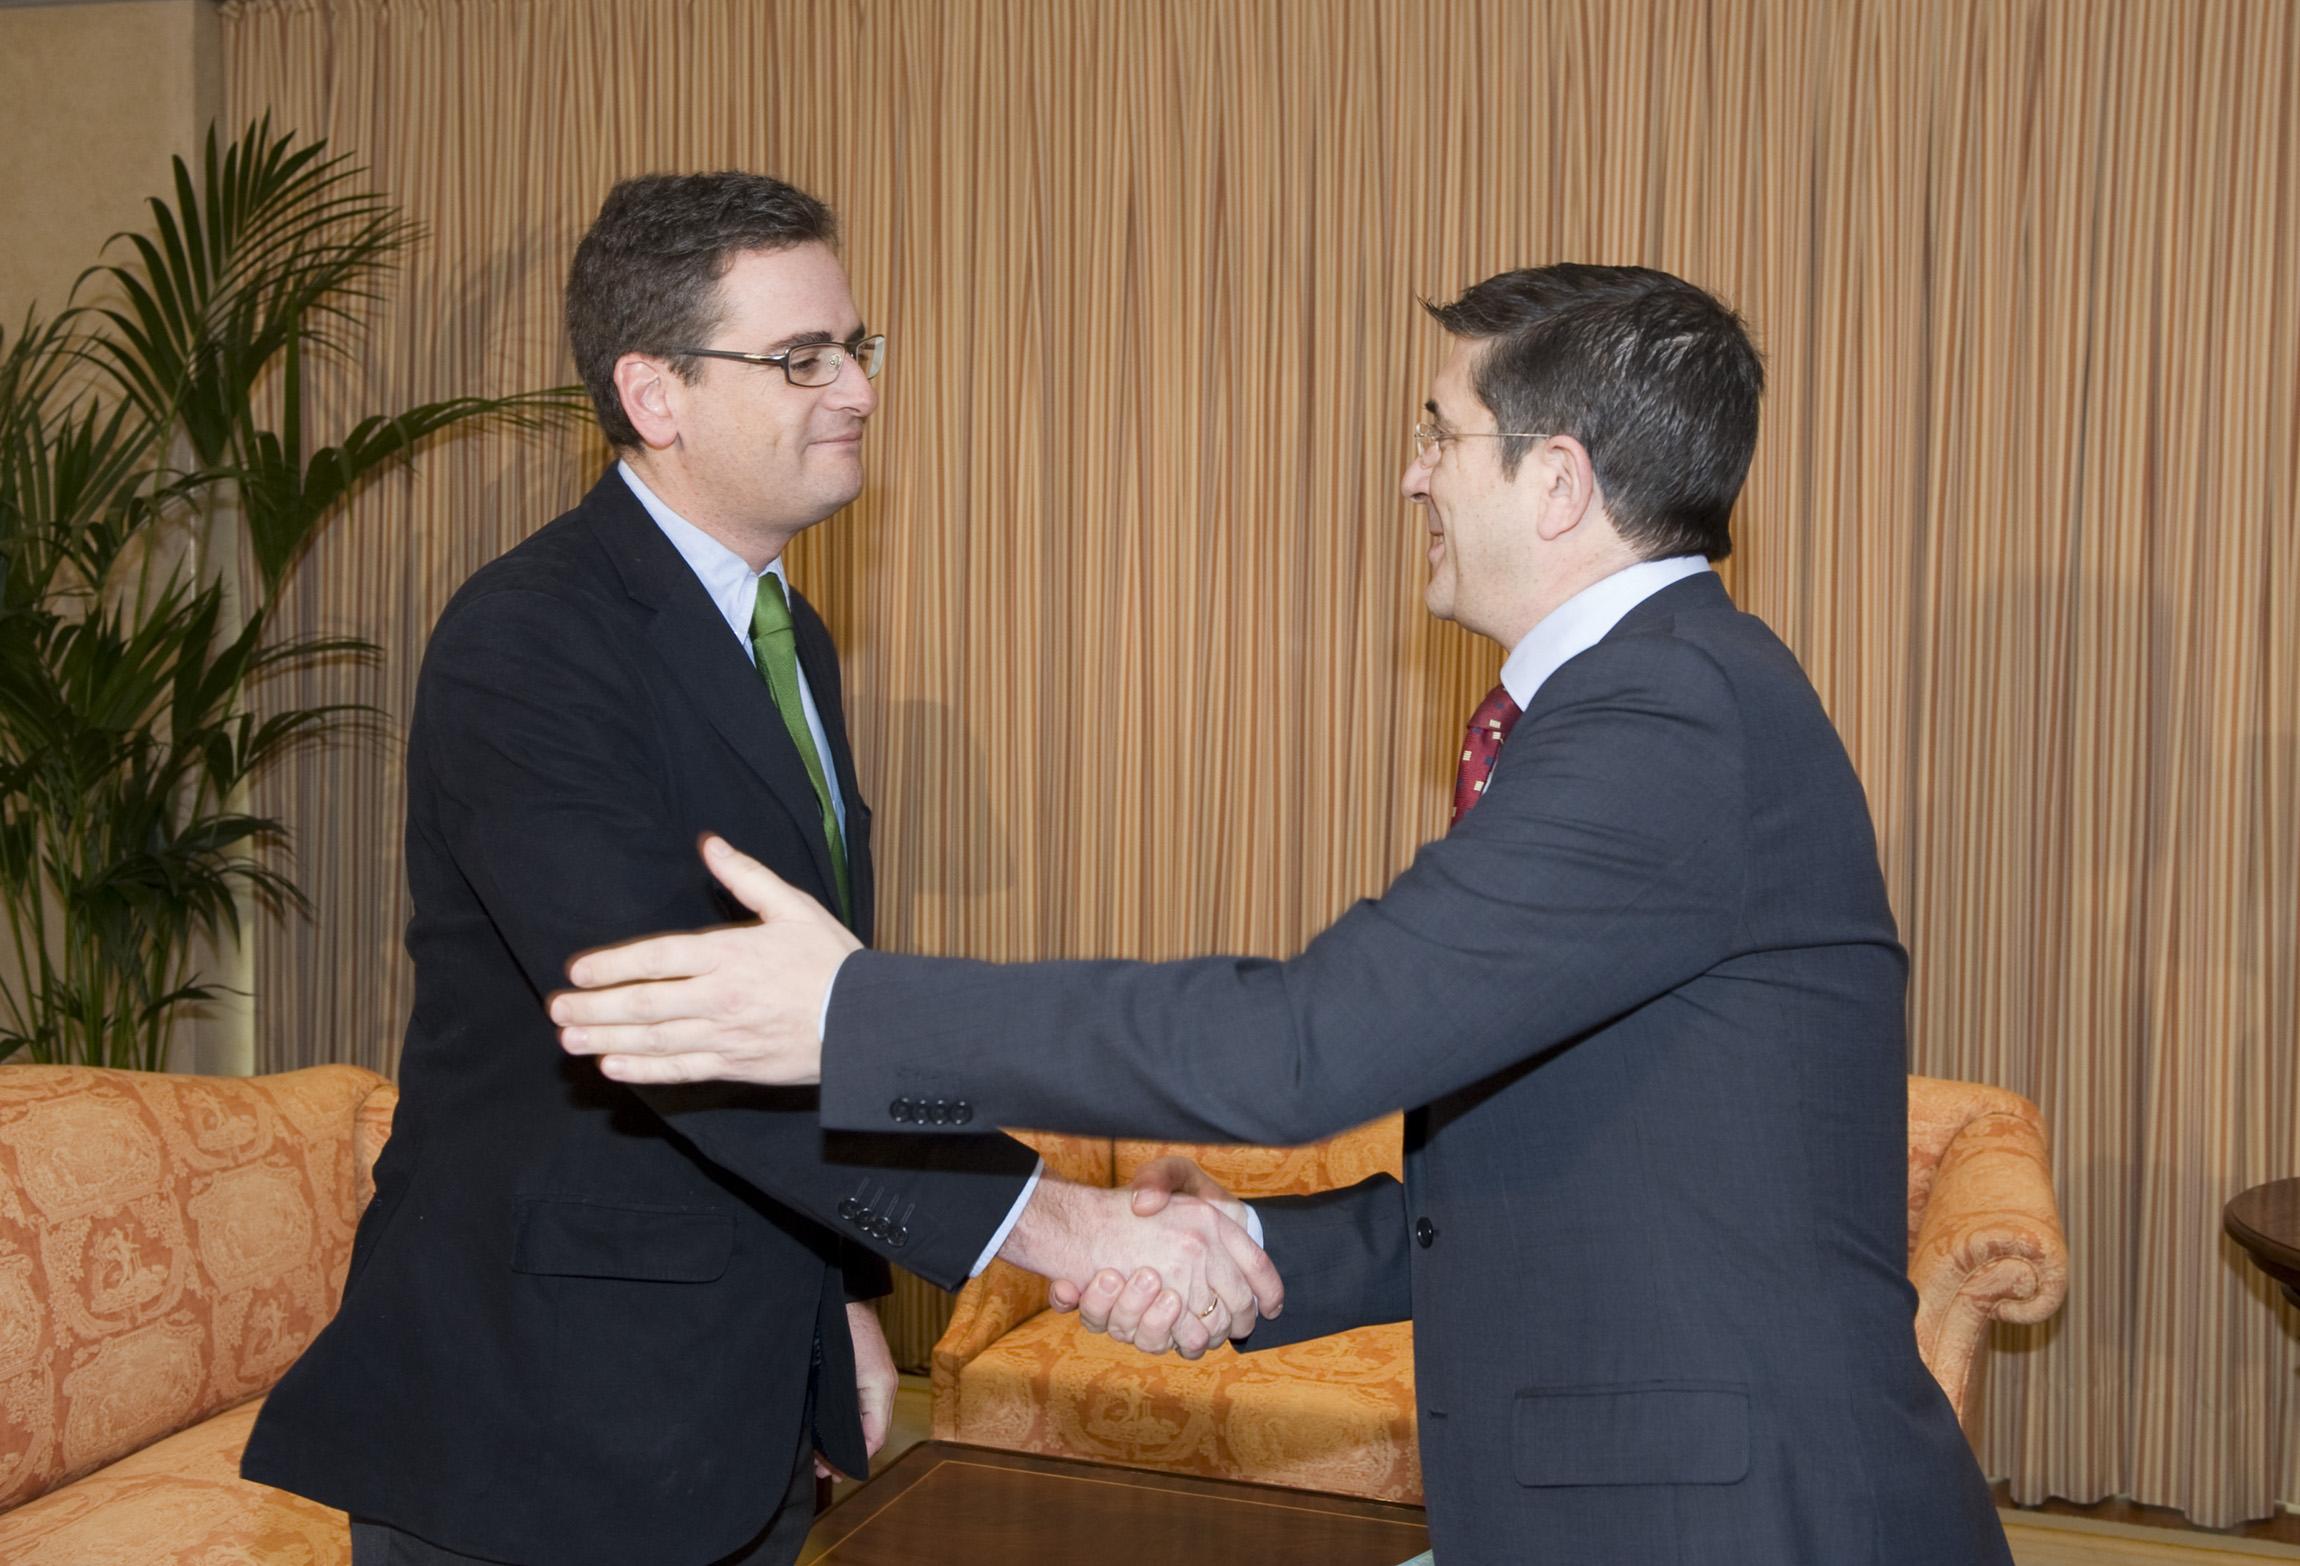 Lehendakariak bilera izan du Euskadiko PPren presidentearekin, Antonio Basagoiti [17:36]